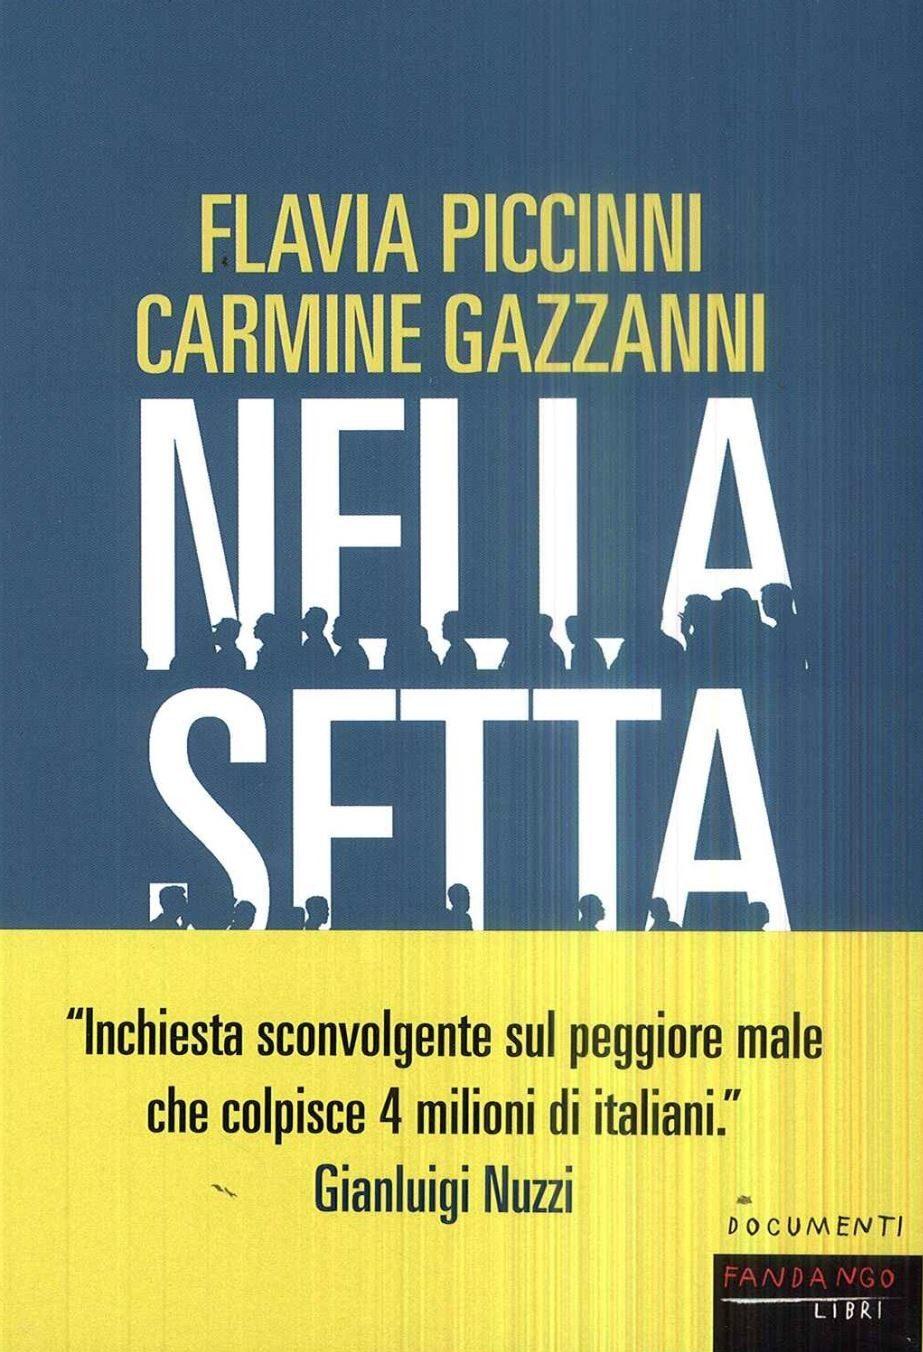 Nella setta – Flavia Piccinni e Carmine Gazzanni